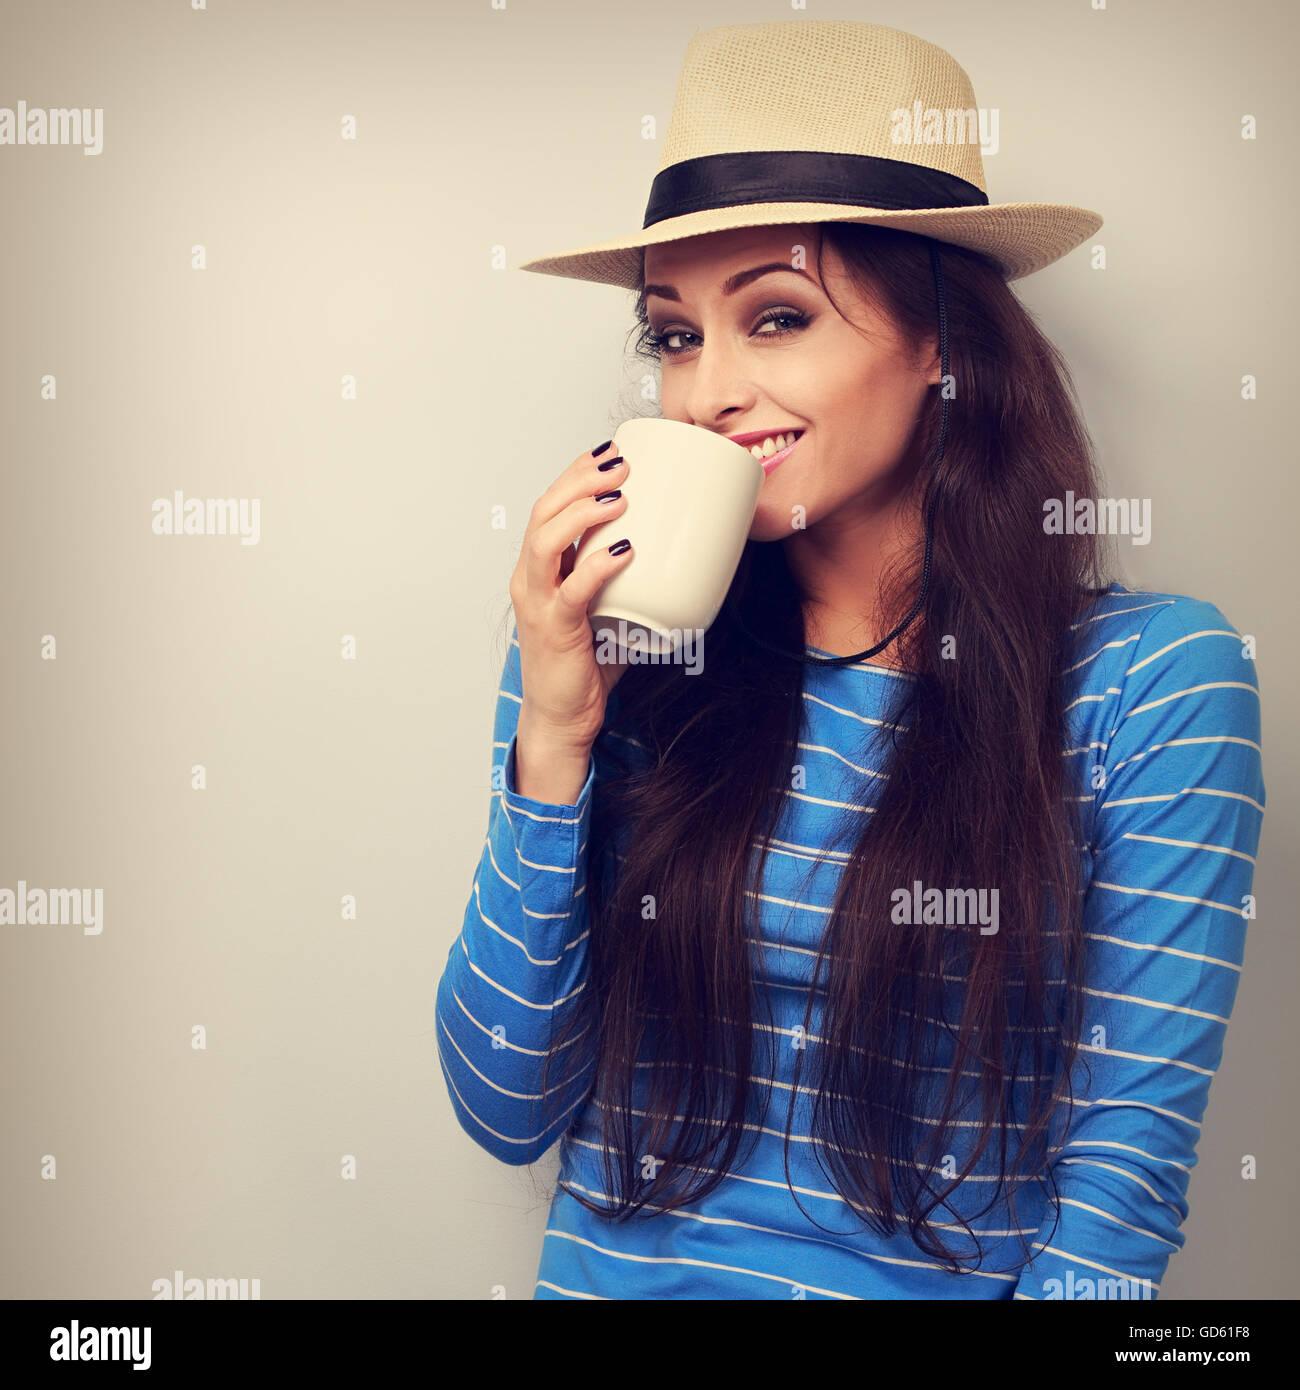 Feliz mujer con sombrero de paja de beber café con divertidas cara emocional. Tonificado closeup retrato Imagen De Stock